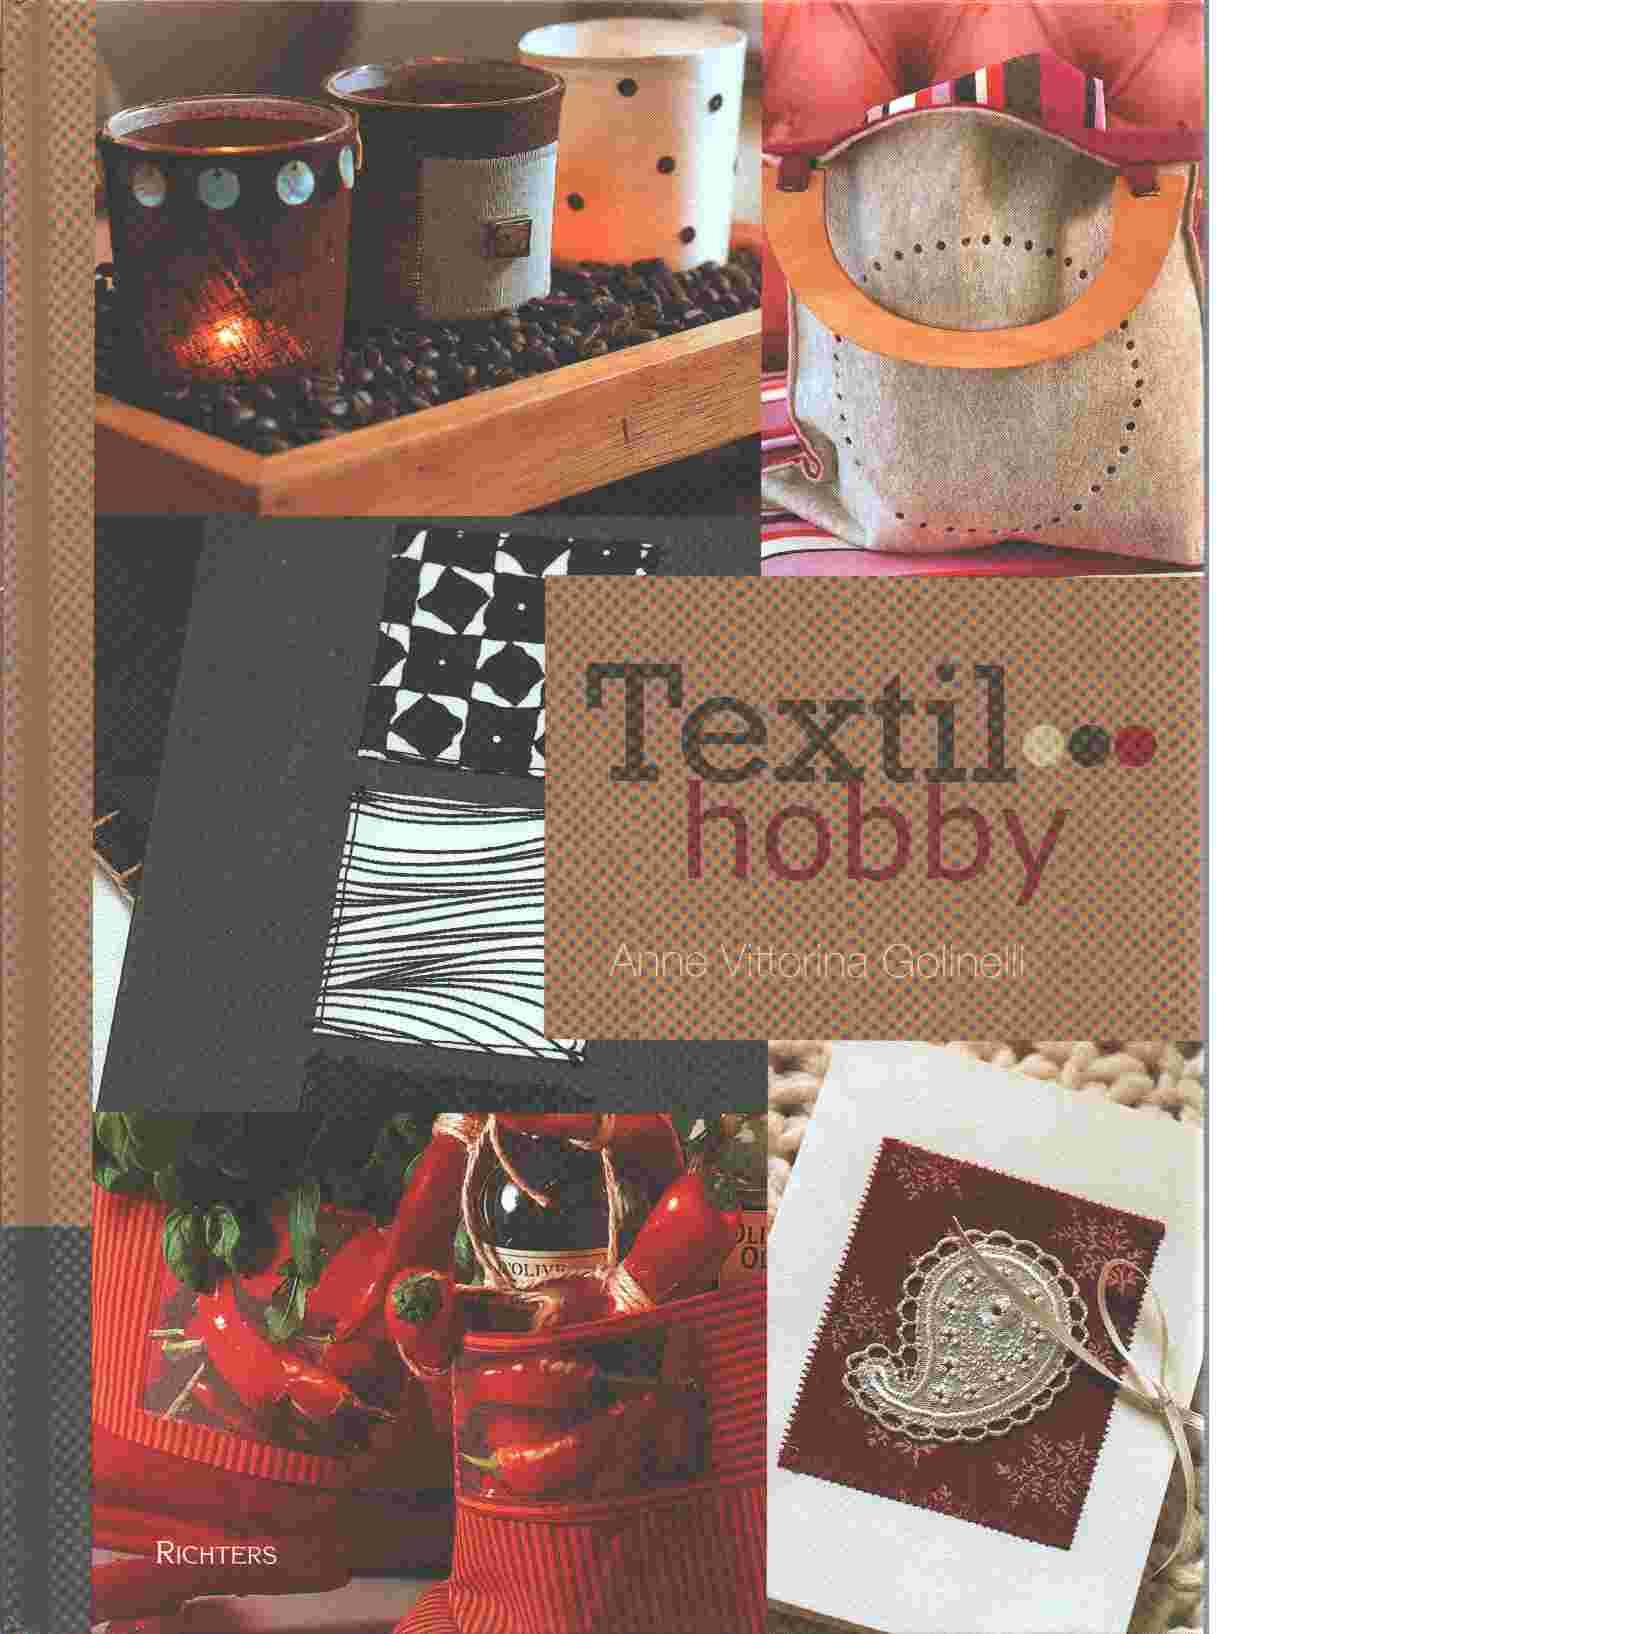 Textil - hobby - Golinelli, Anne Vittorina